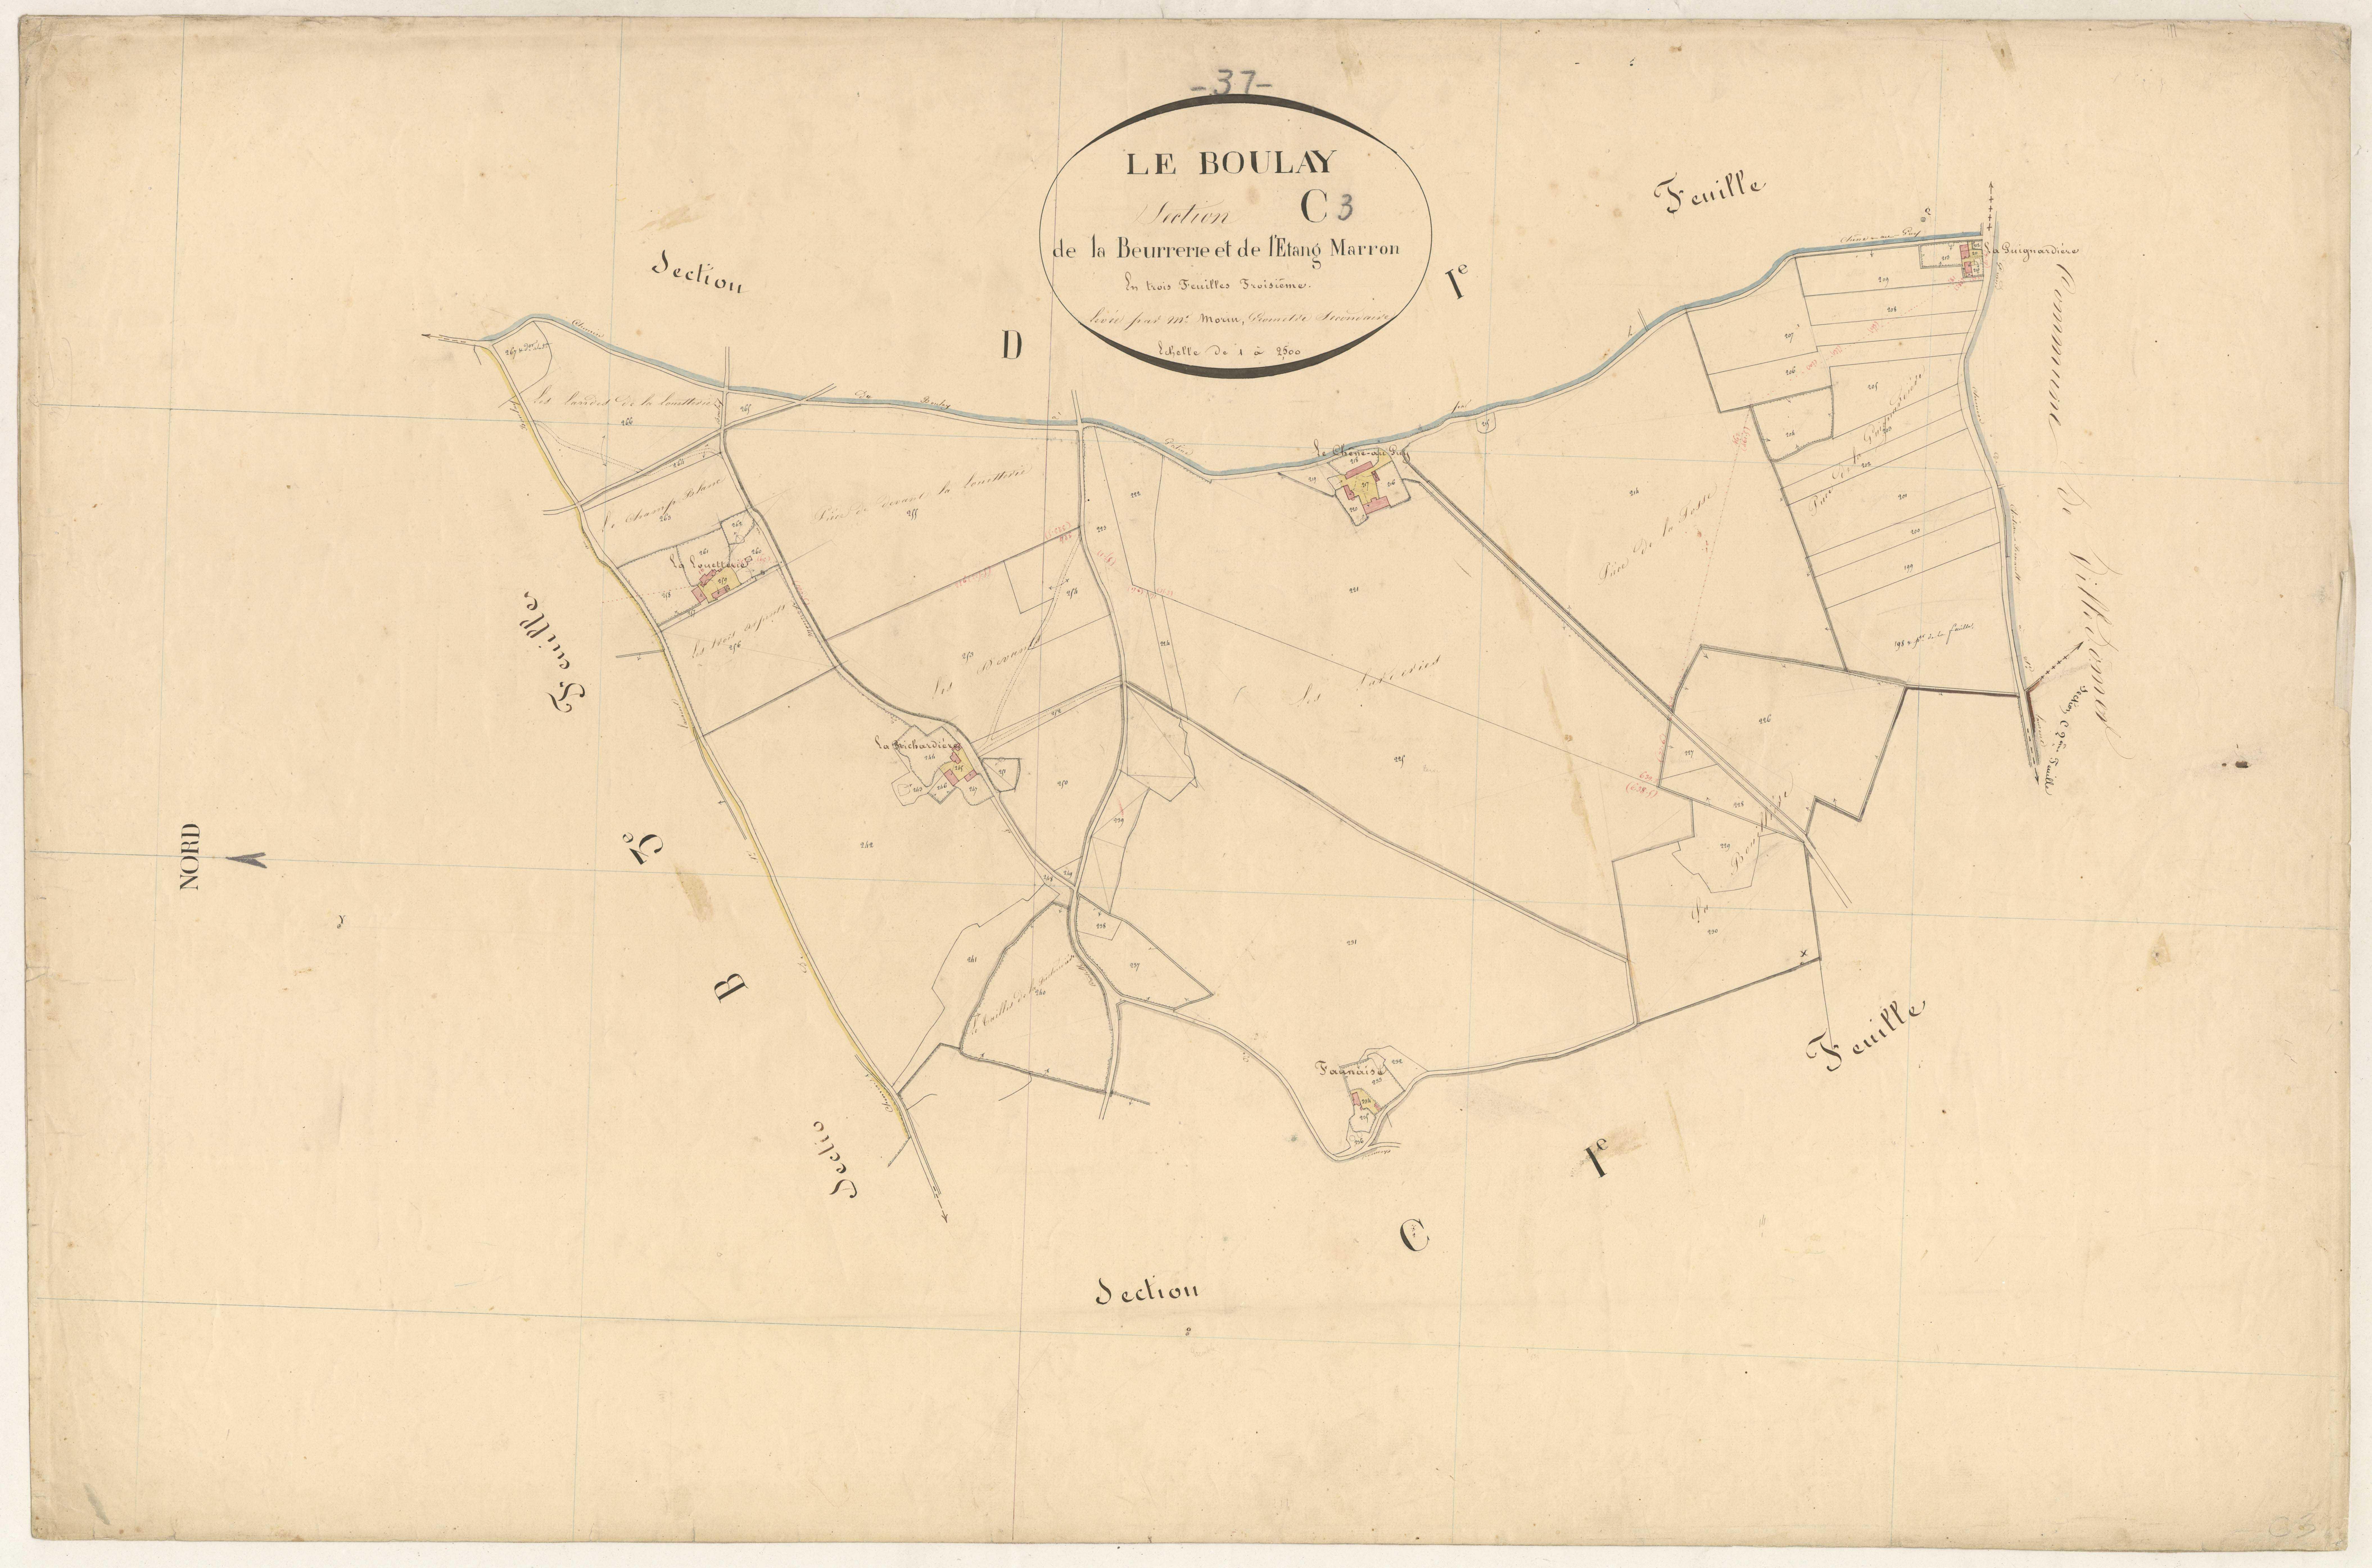 Section C3 de la Beurrerie et de l'Etang Marron